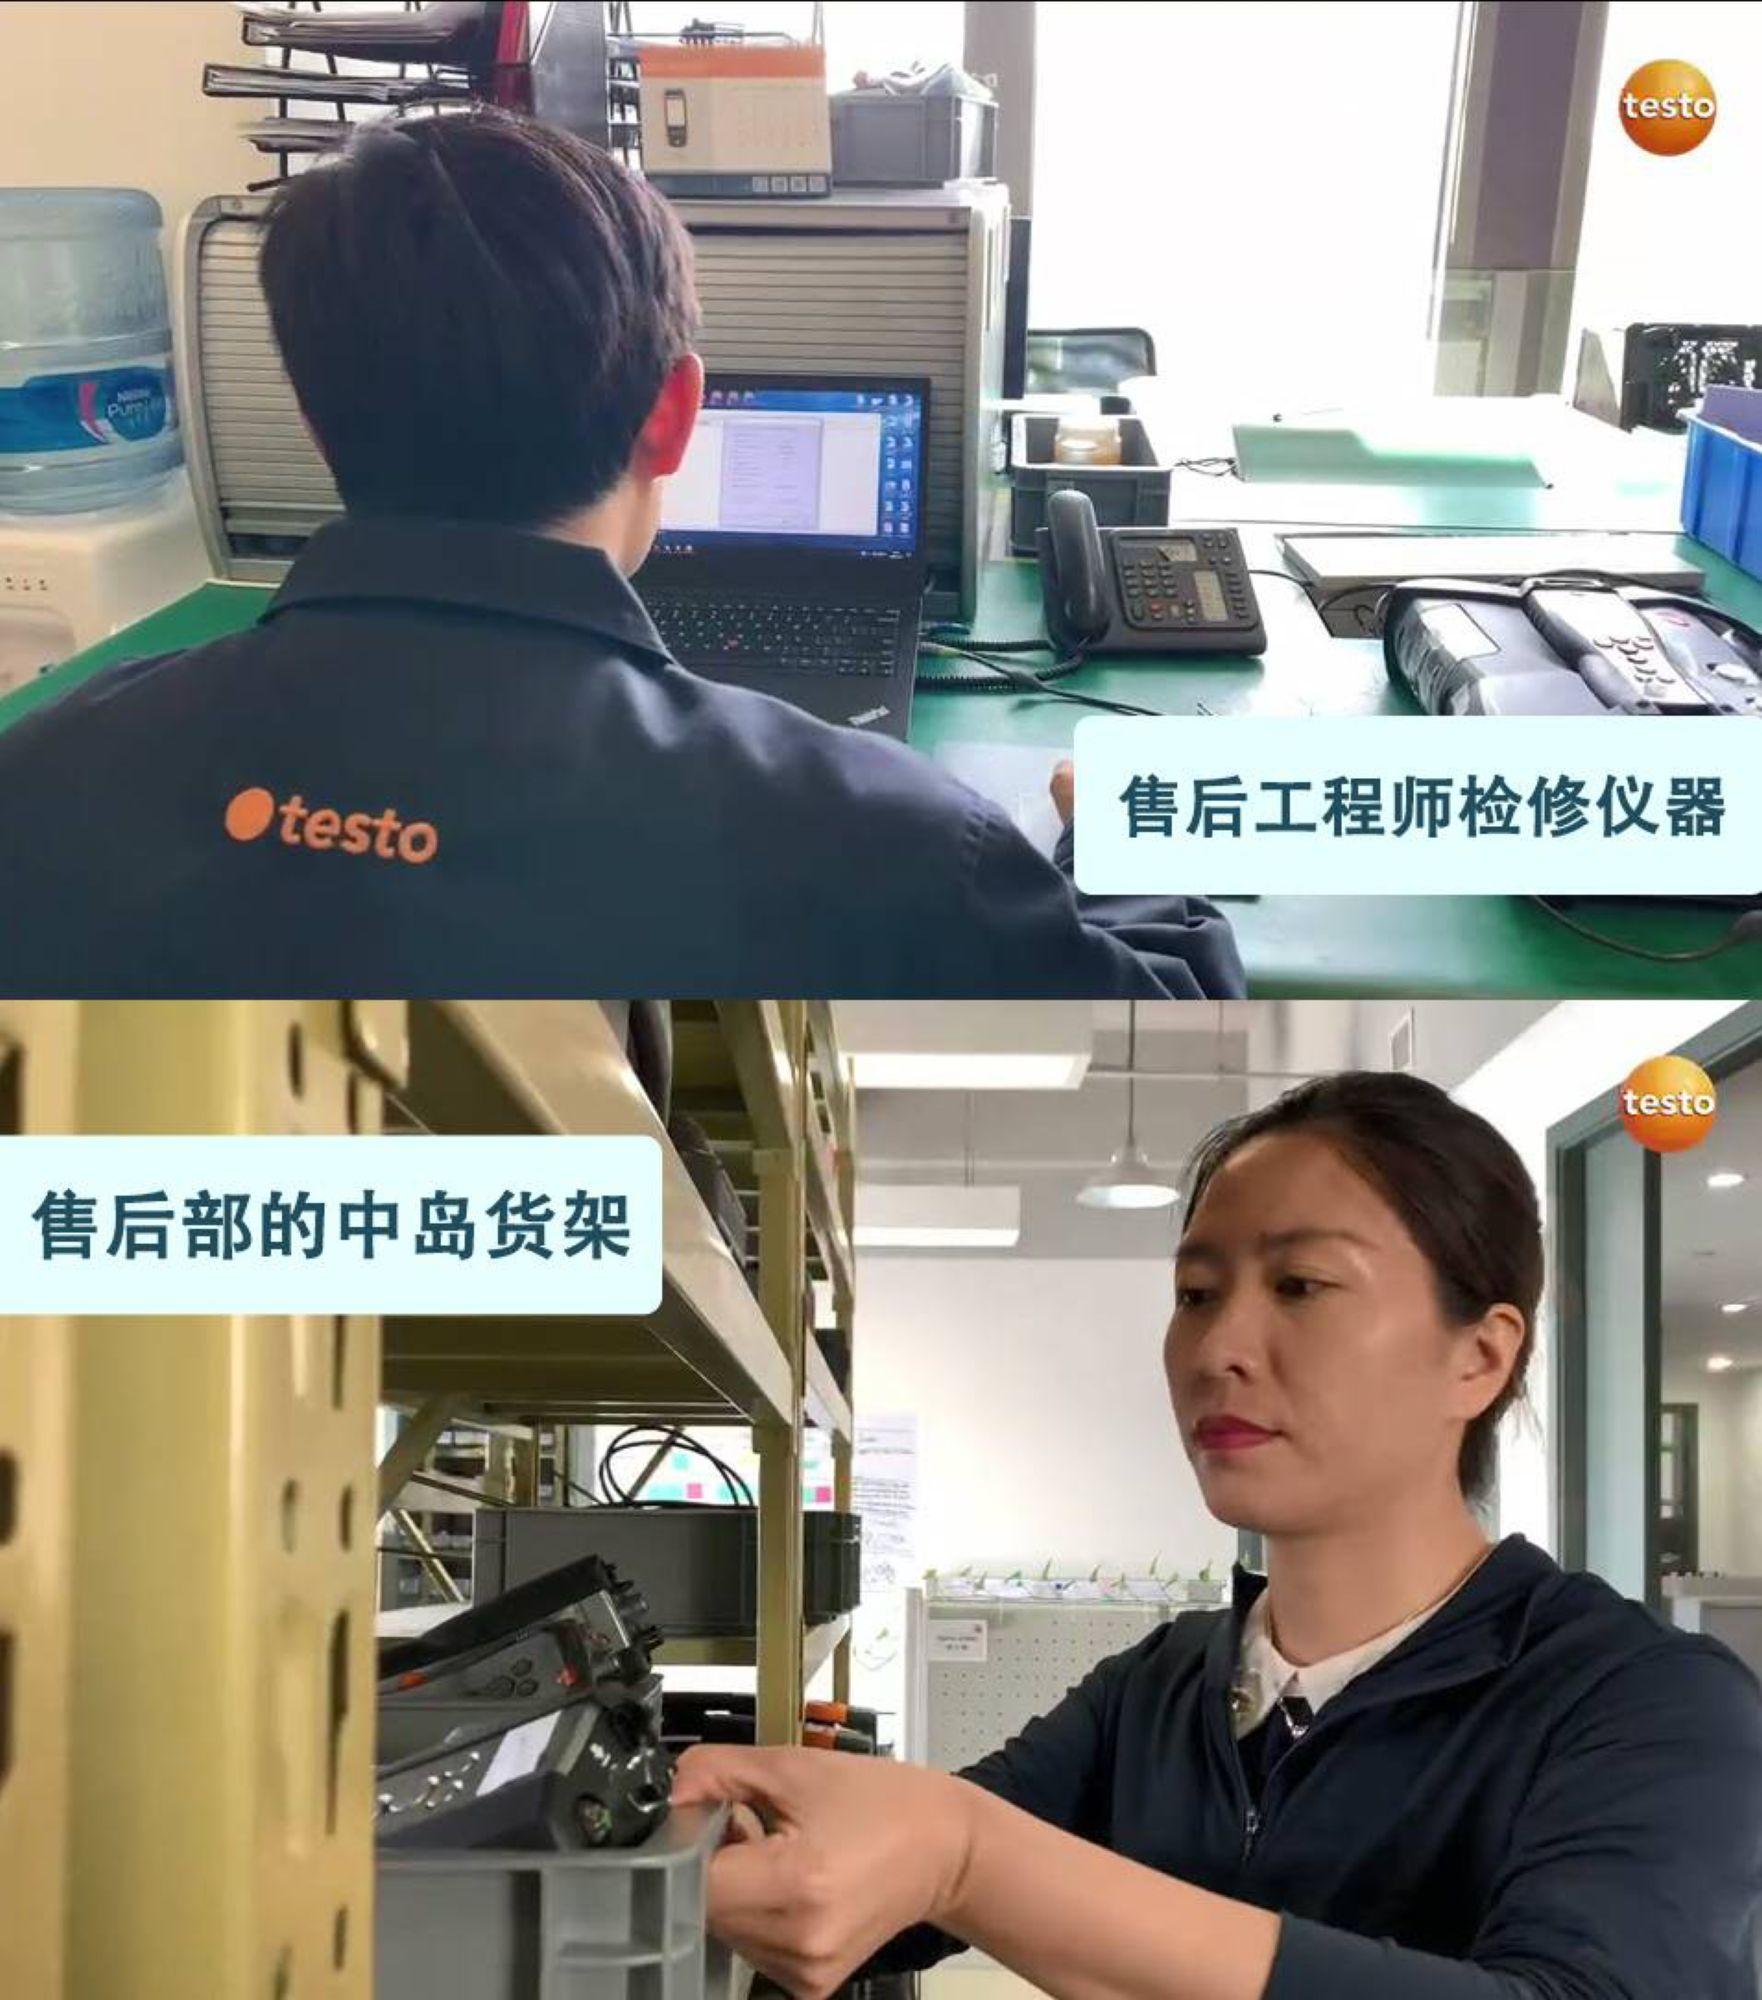 德图中国售后服务团队